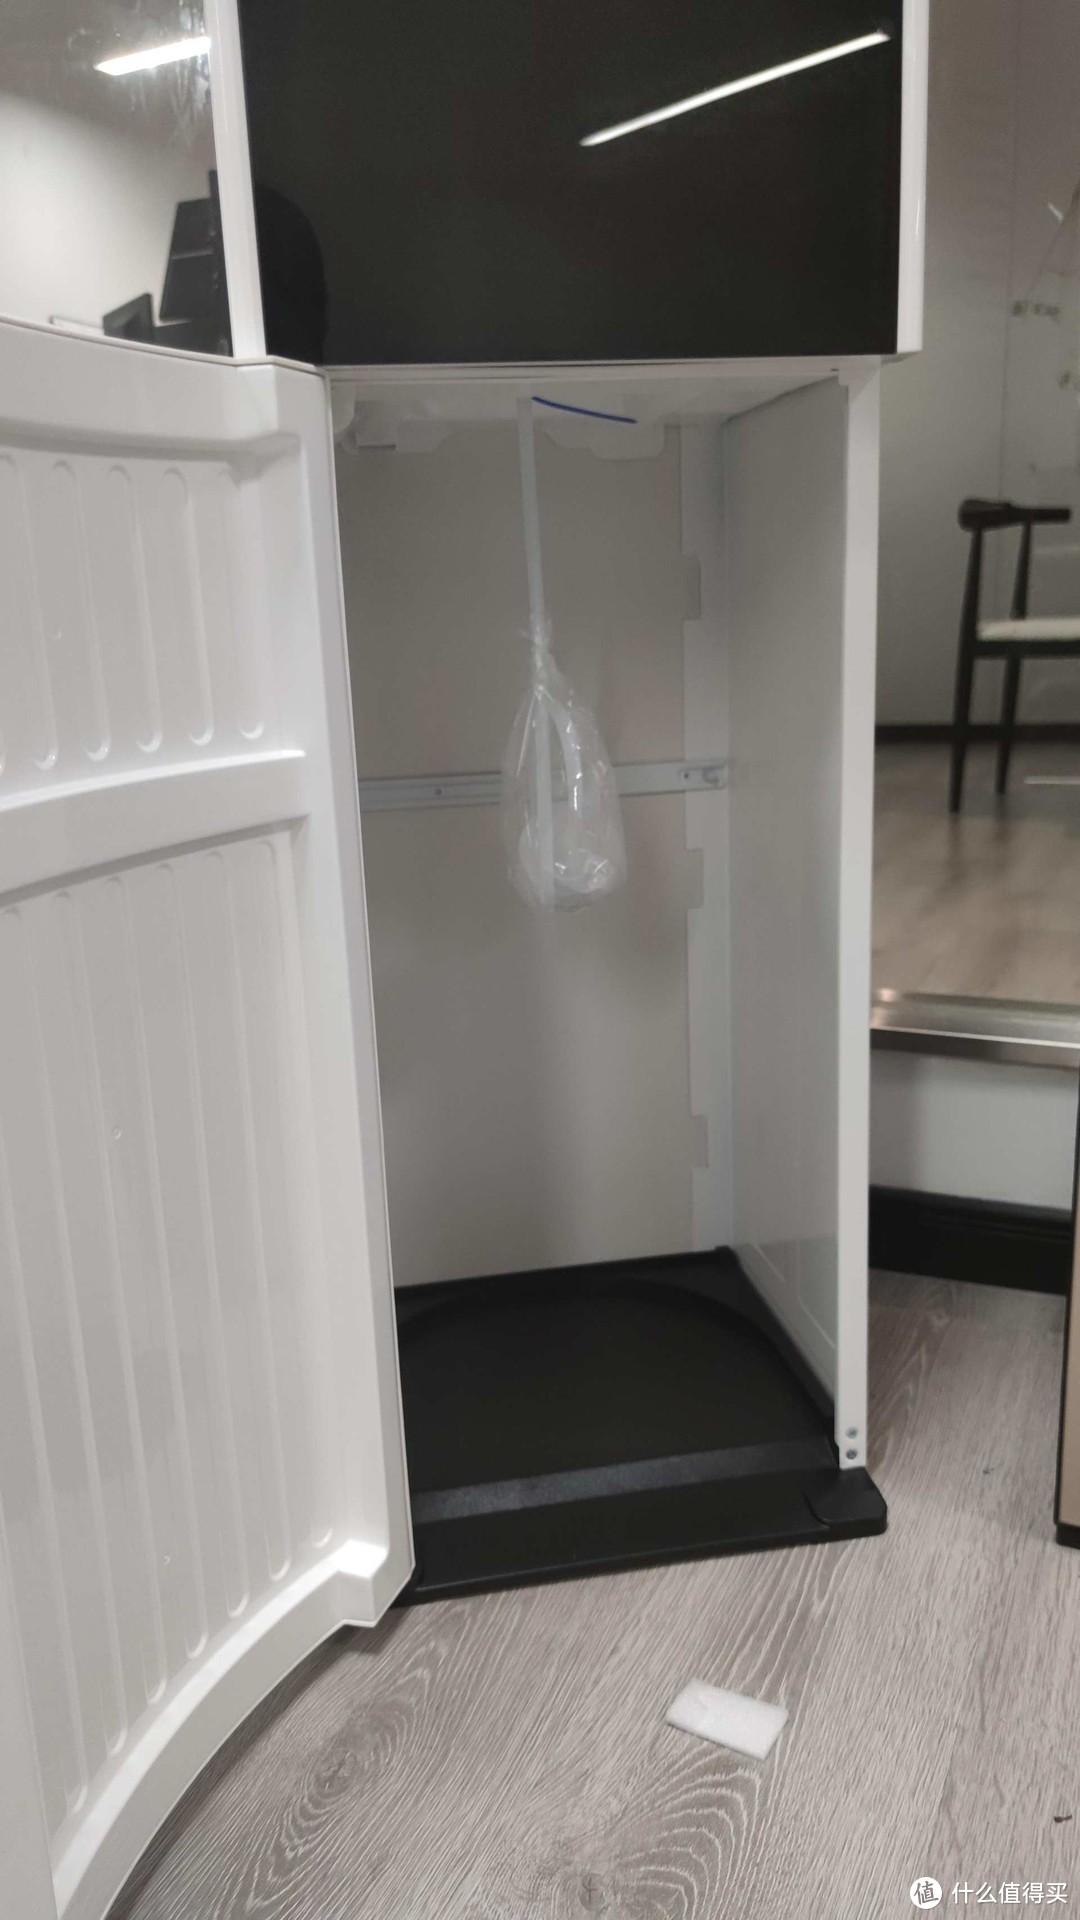 即用即热,提升效率和体验,让桶装水也有卫生和舒适